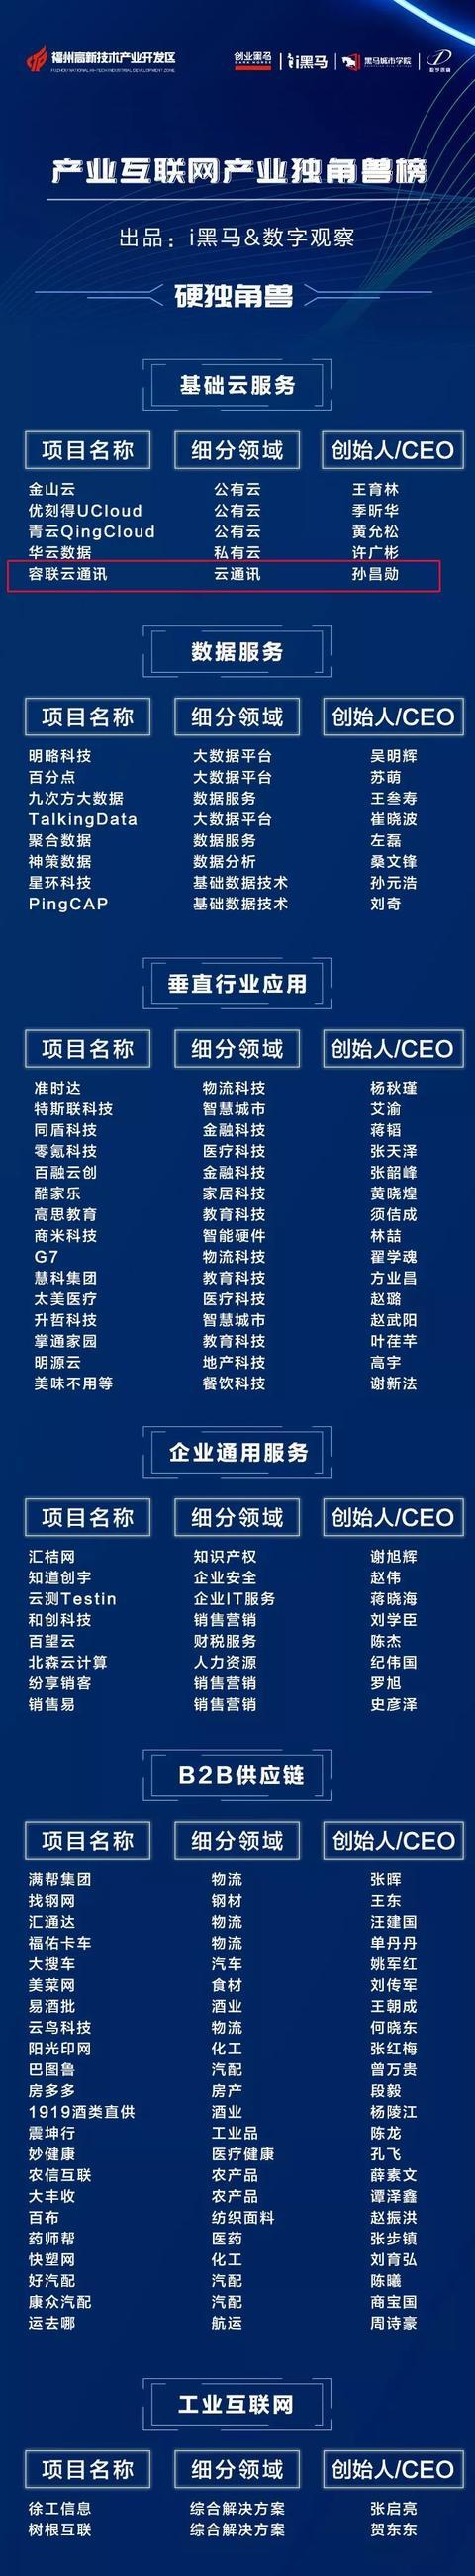 """2019中国企业服务产业独角兽榜揭晓,容联荣膺""""硬独角兽"""""""